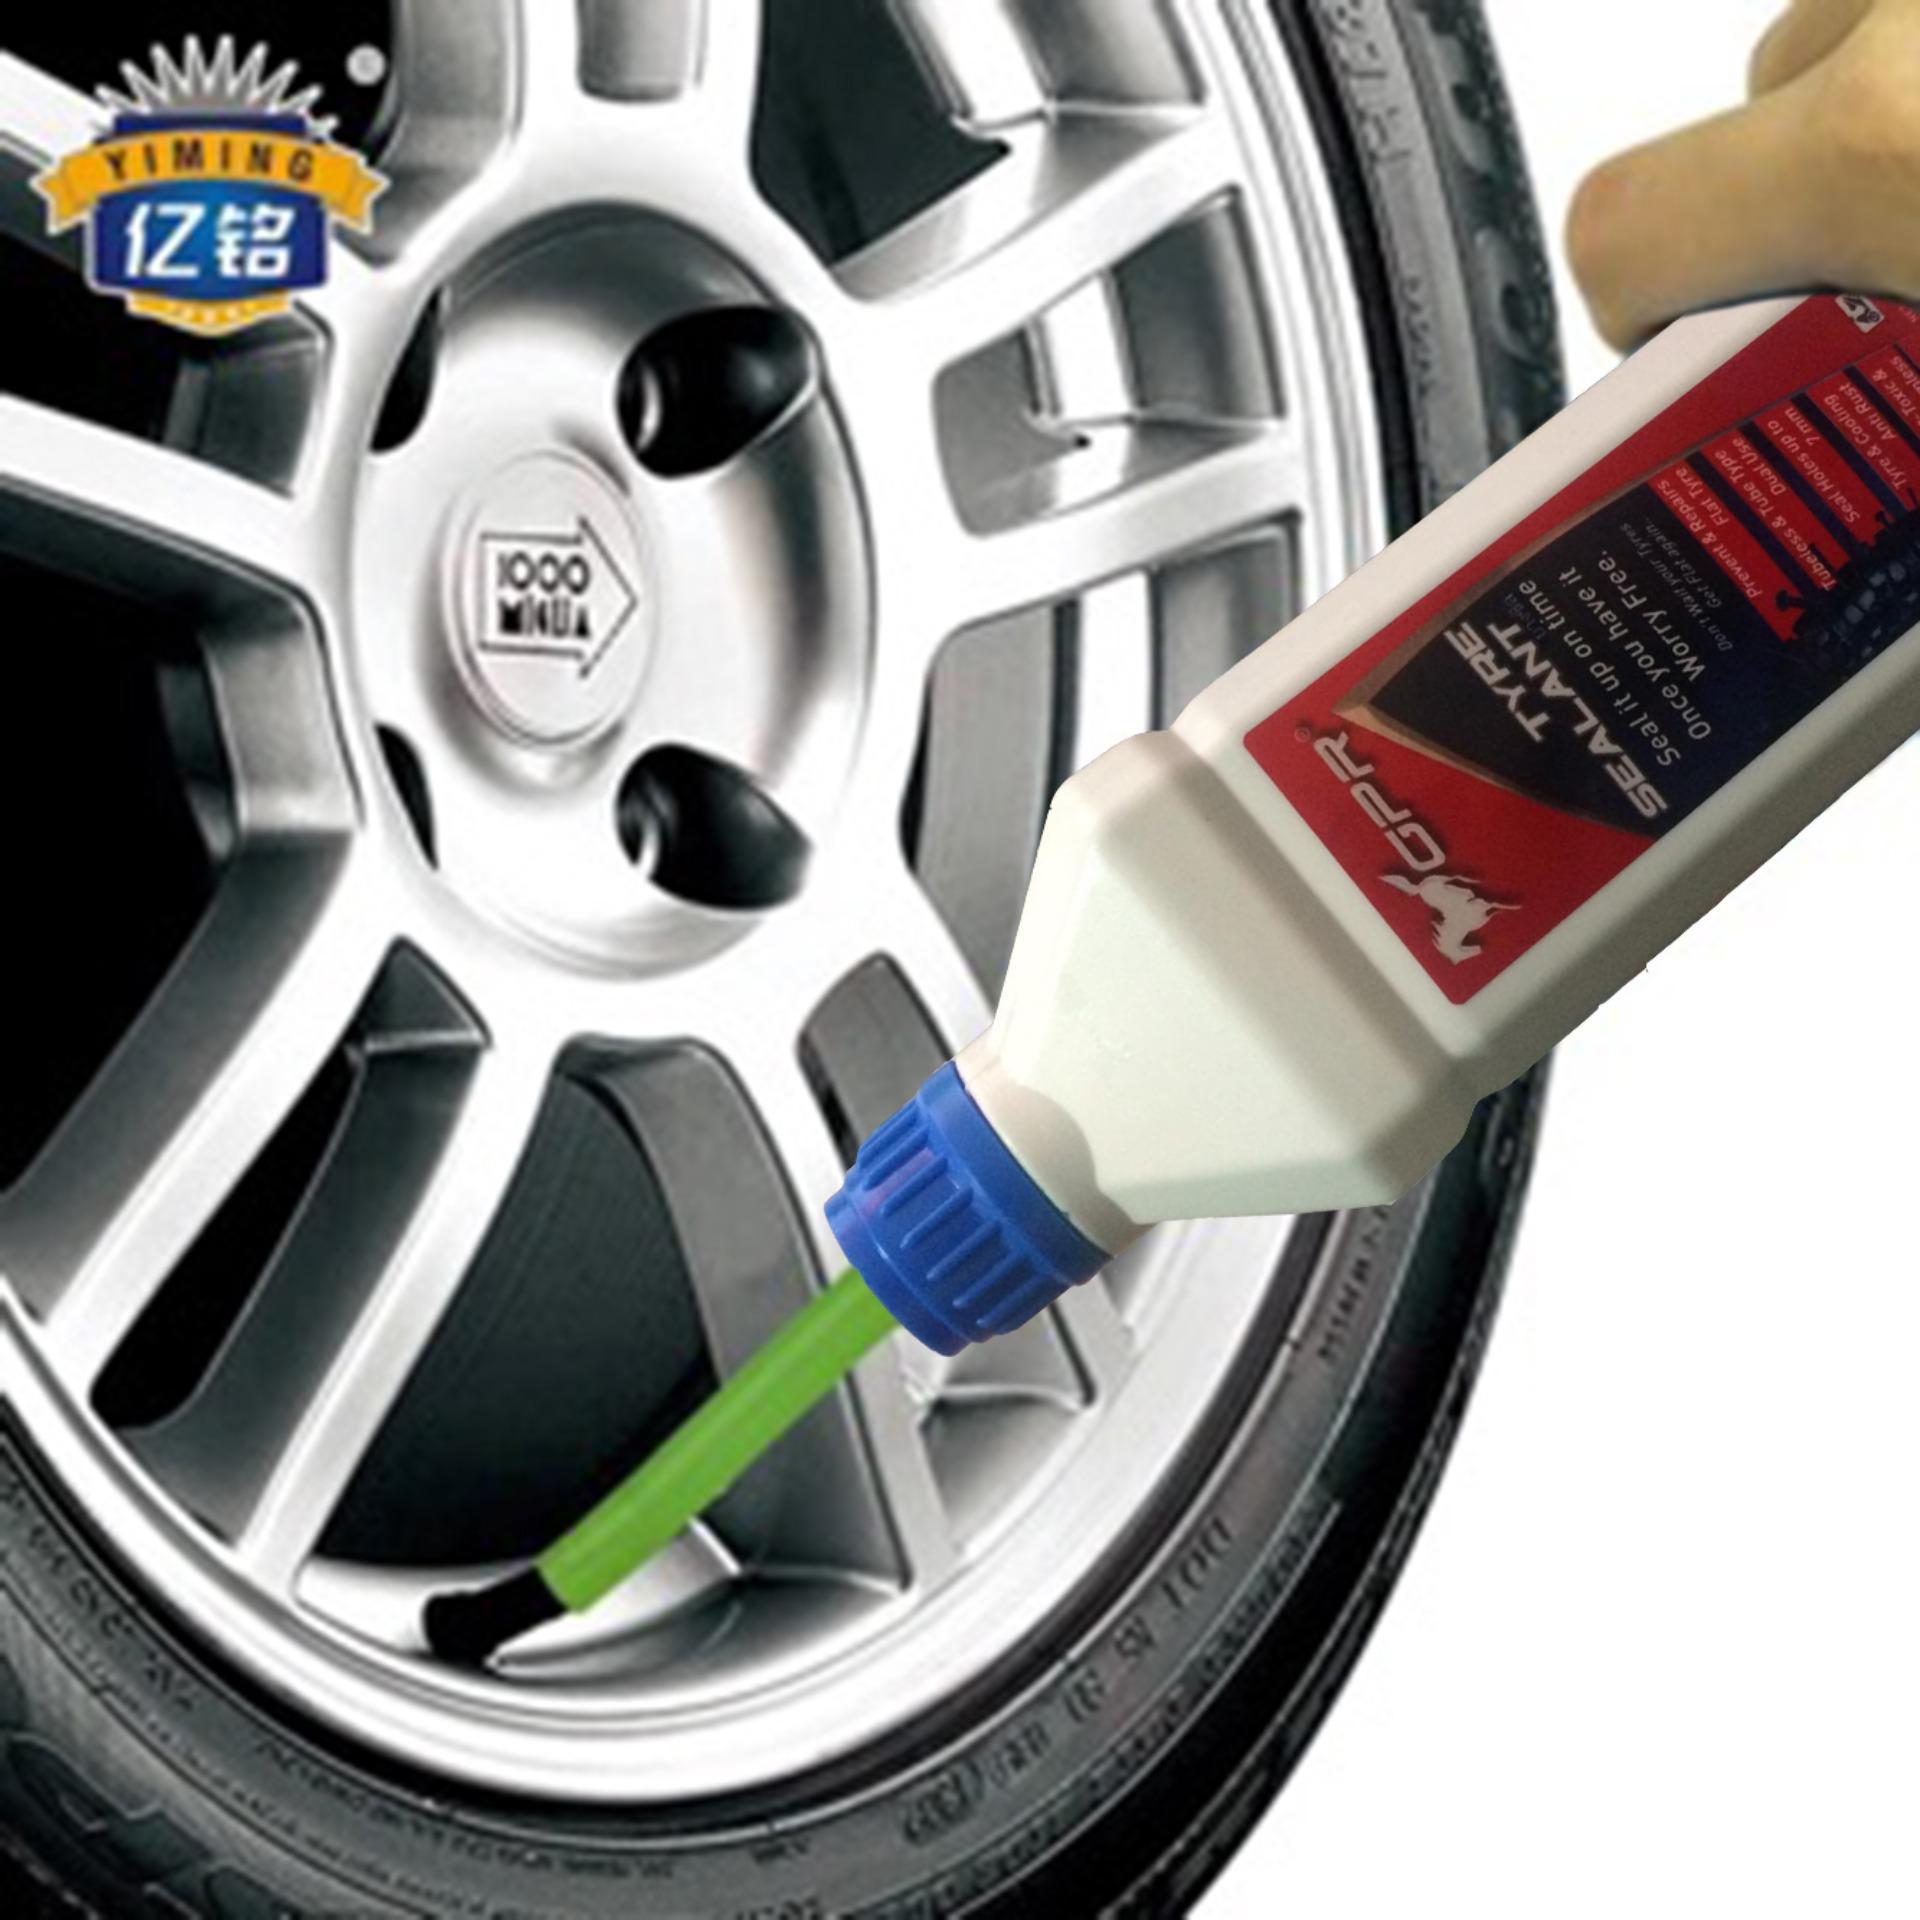 Motorcycle Tires & Wheels for sale - Motorbike Tires & Wheels online